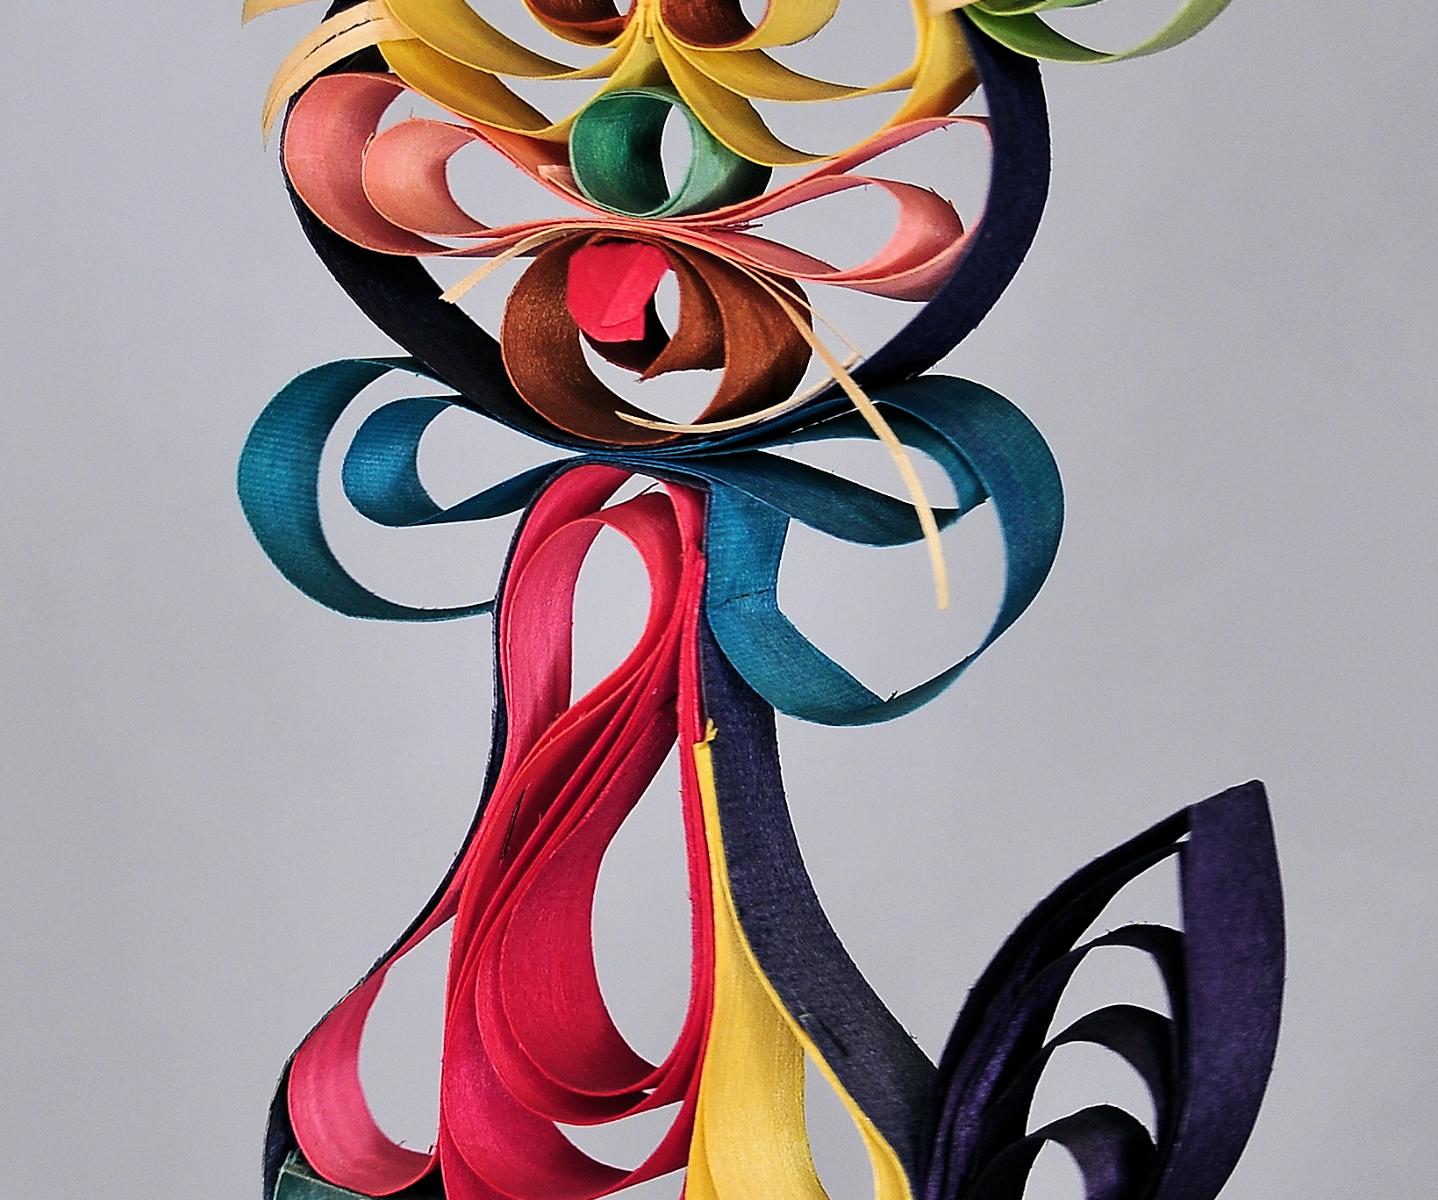 KOt wykonany z kolorowych wiórków osikowych